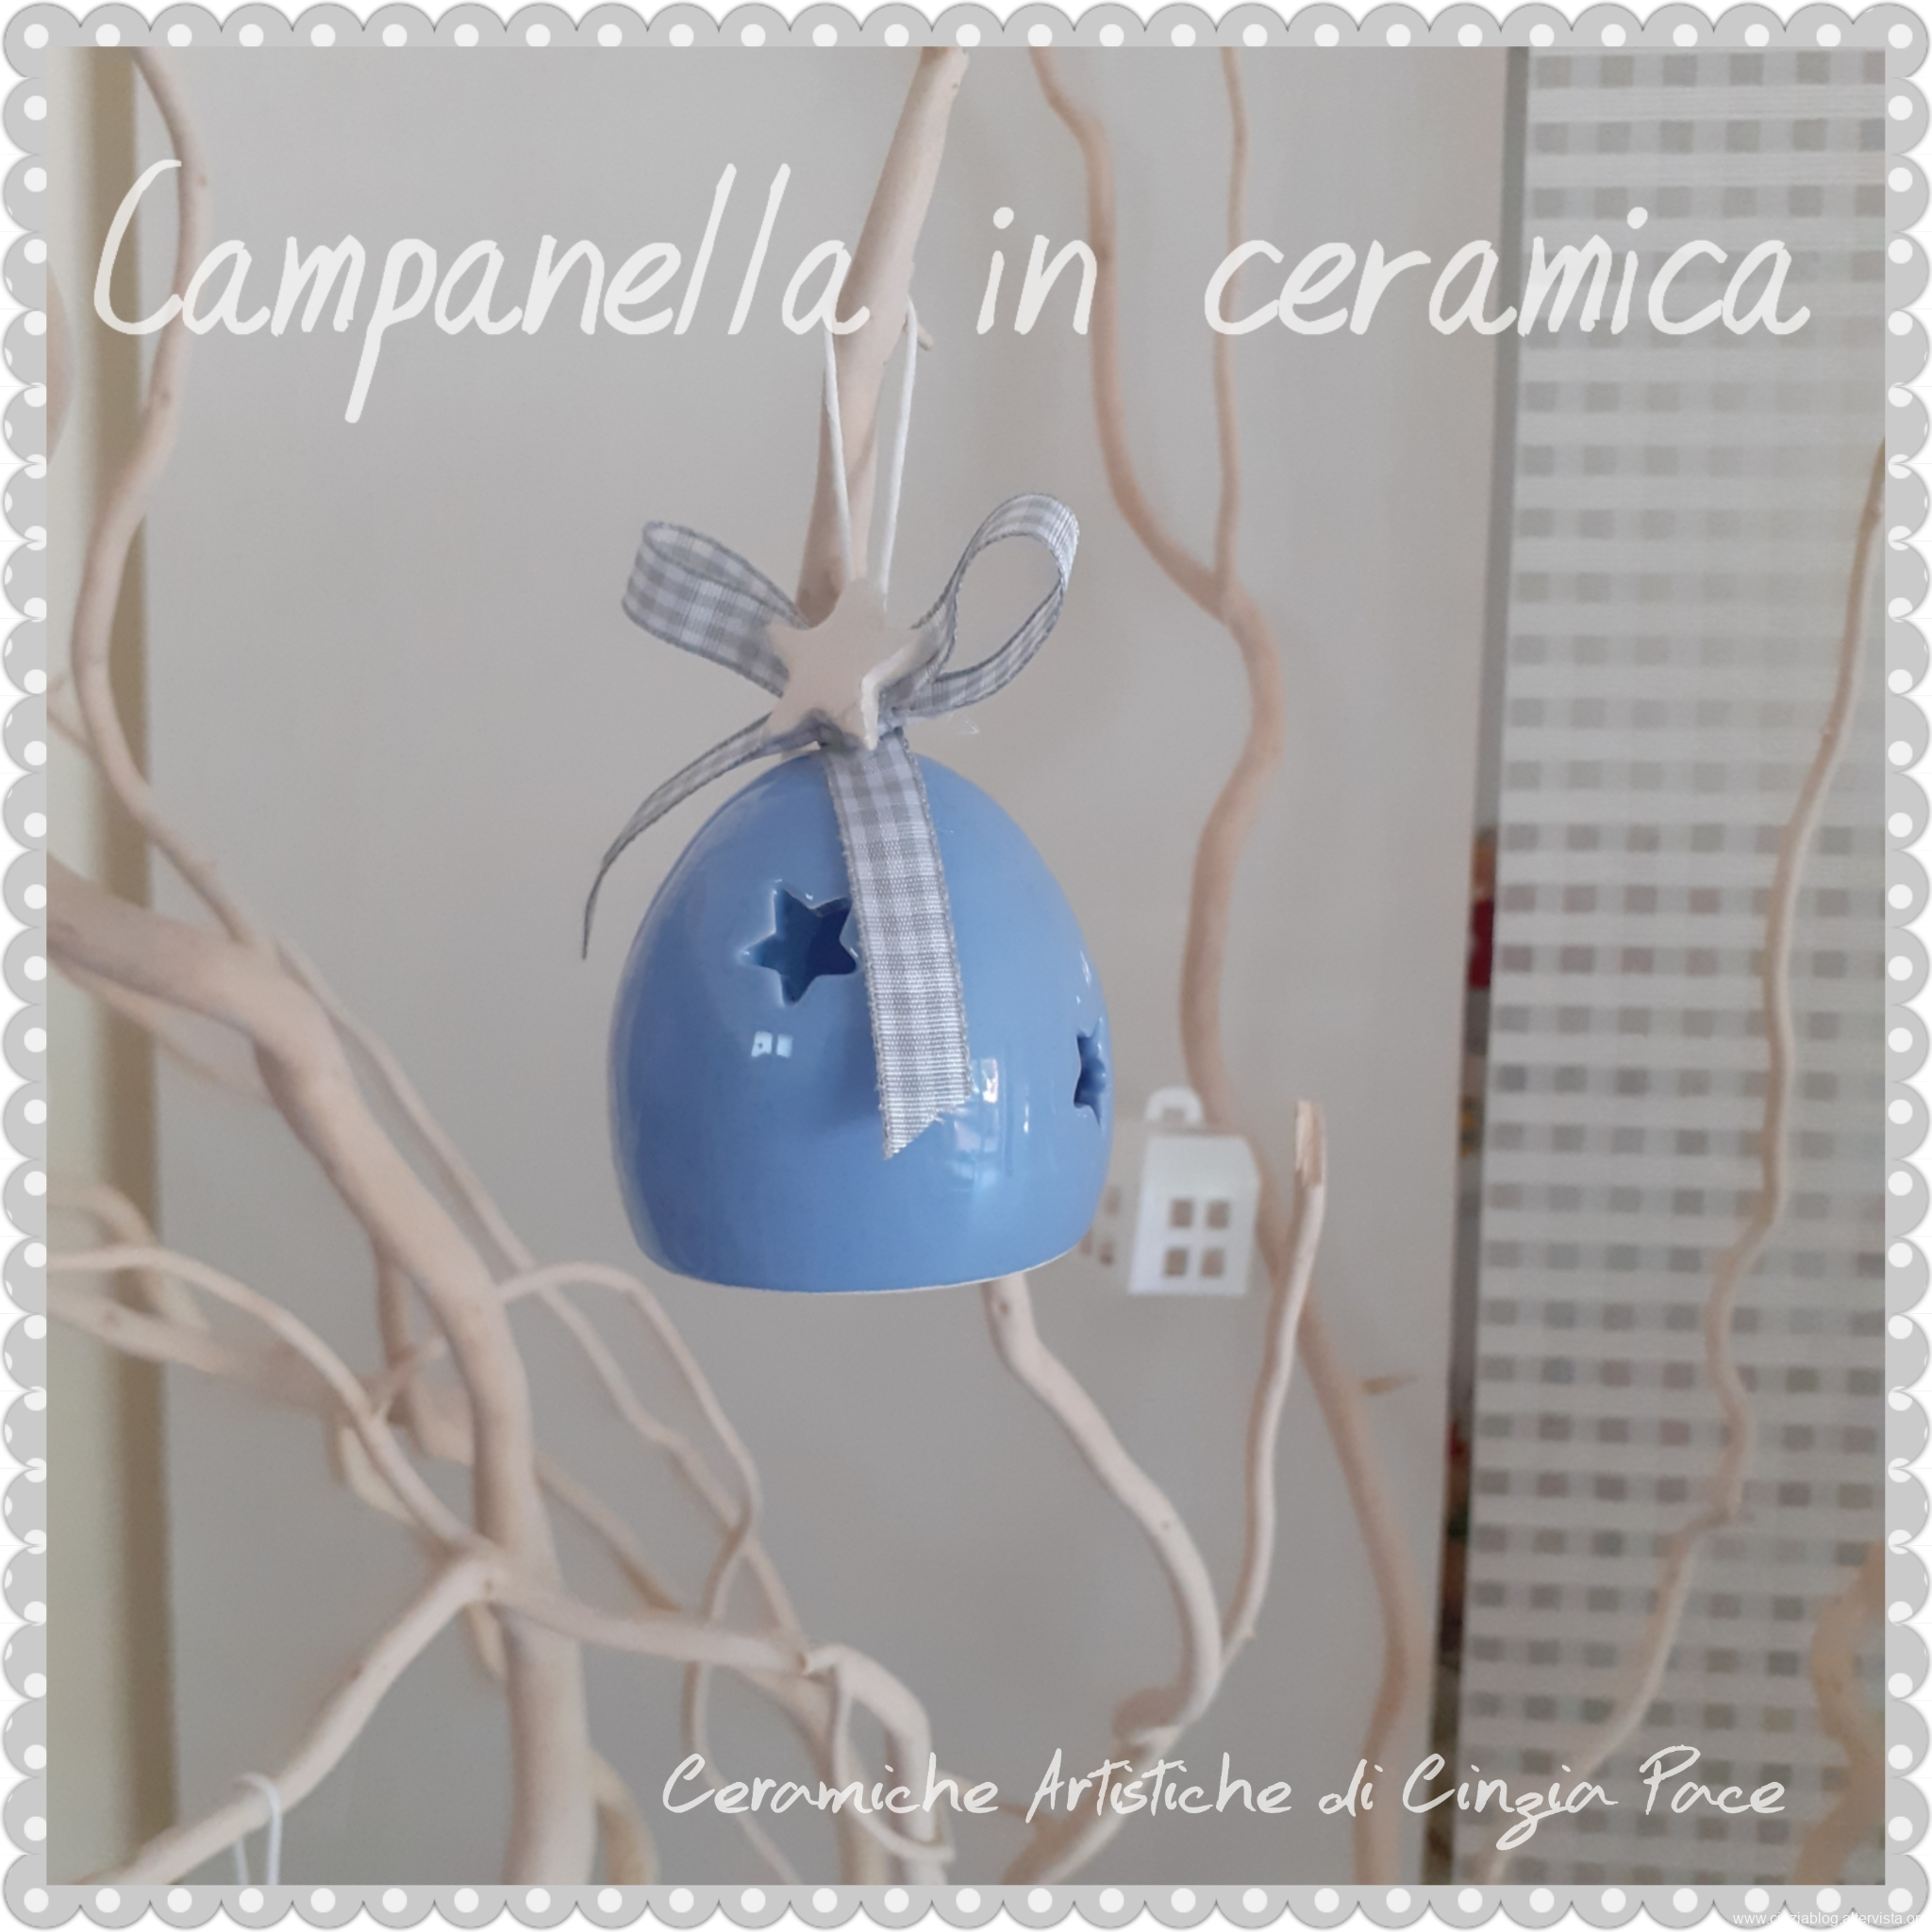 Campanella in ceramica 2